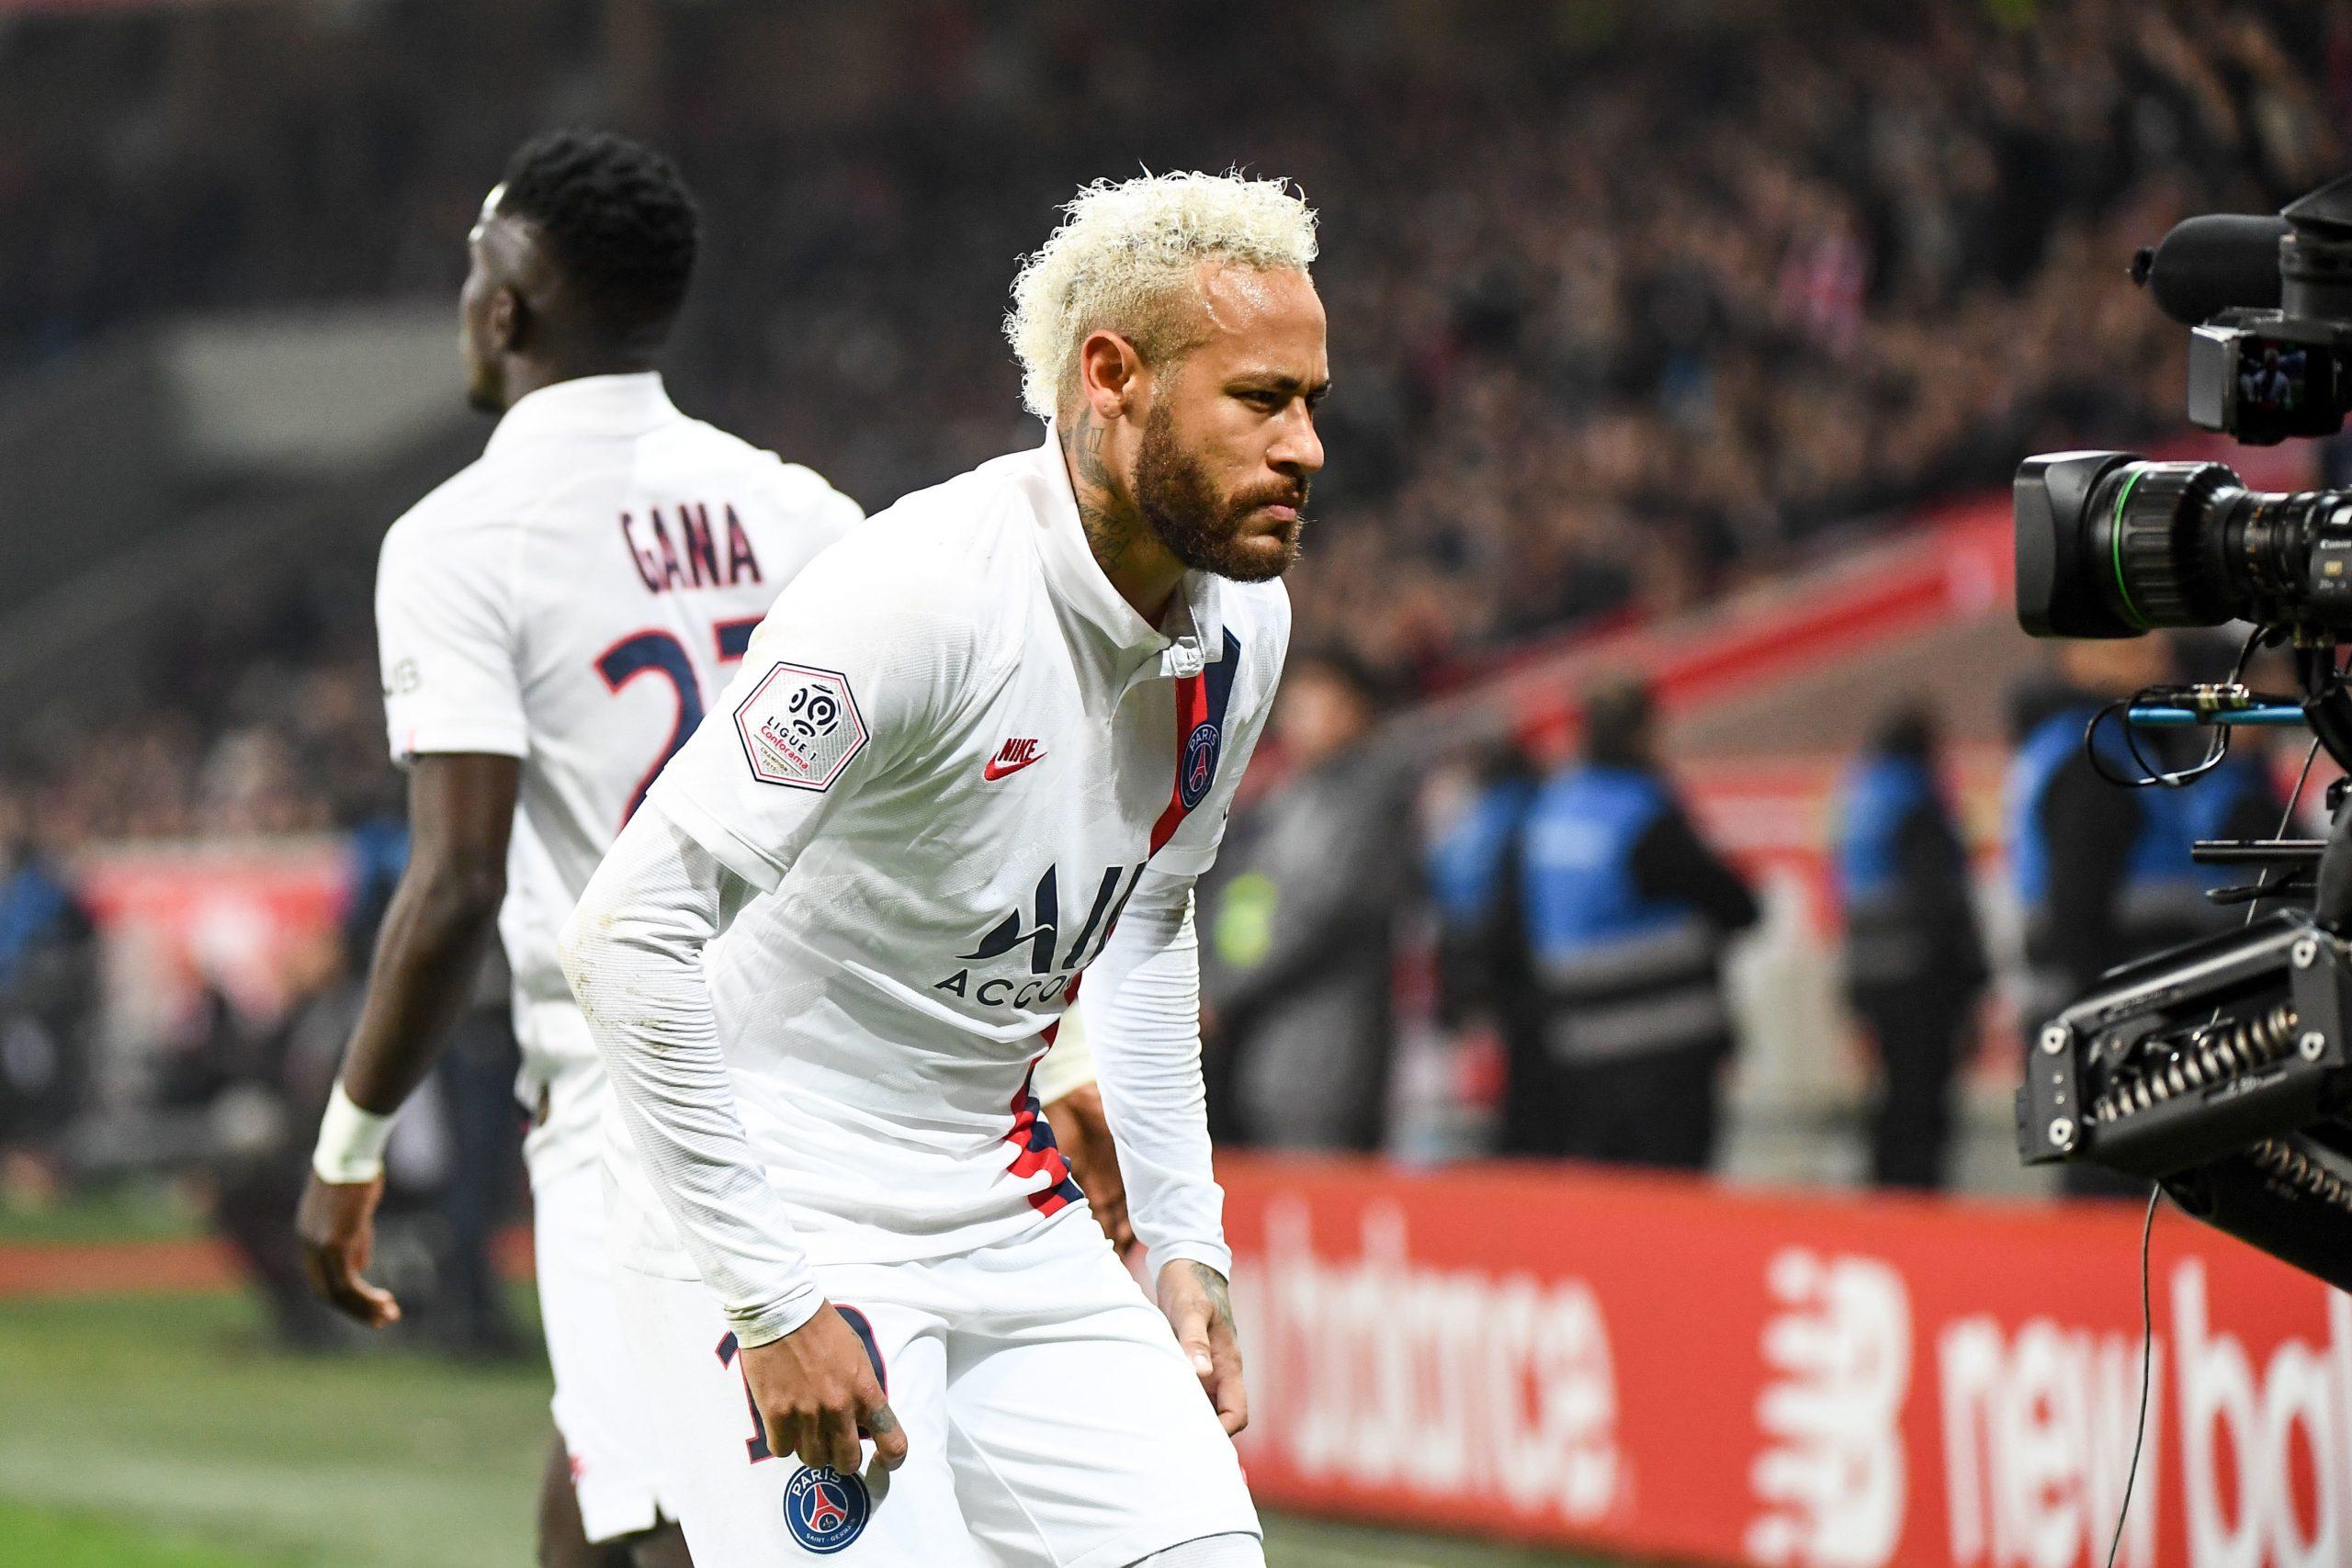 Mercato - Neymar encore décidé à se battre contre le PSG pour revenir au Barça, raconte Sport